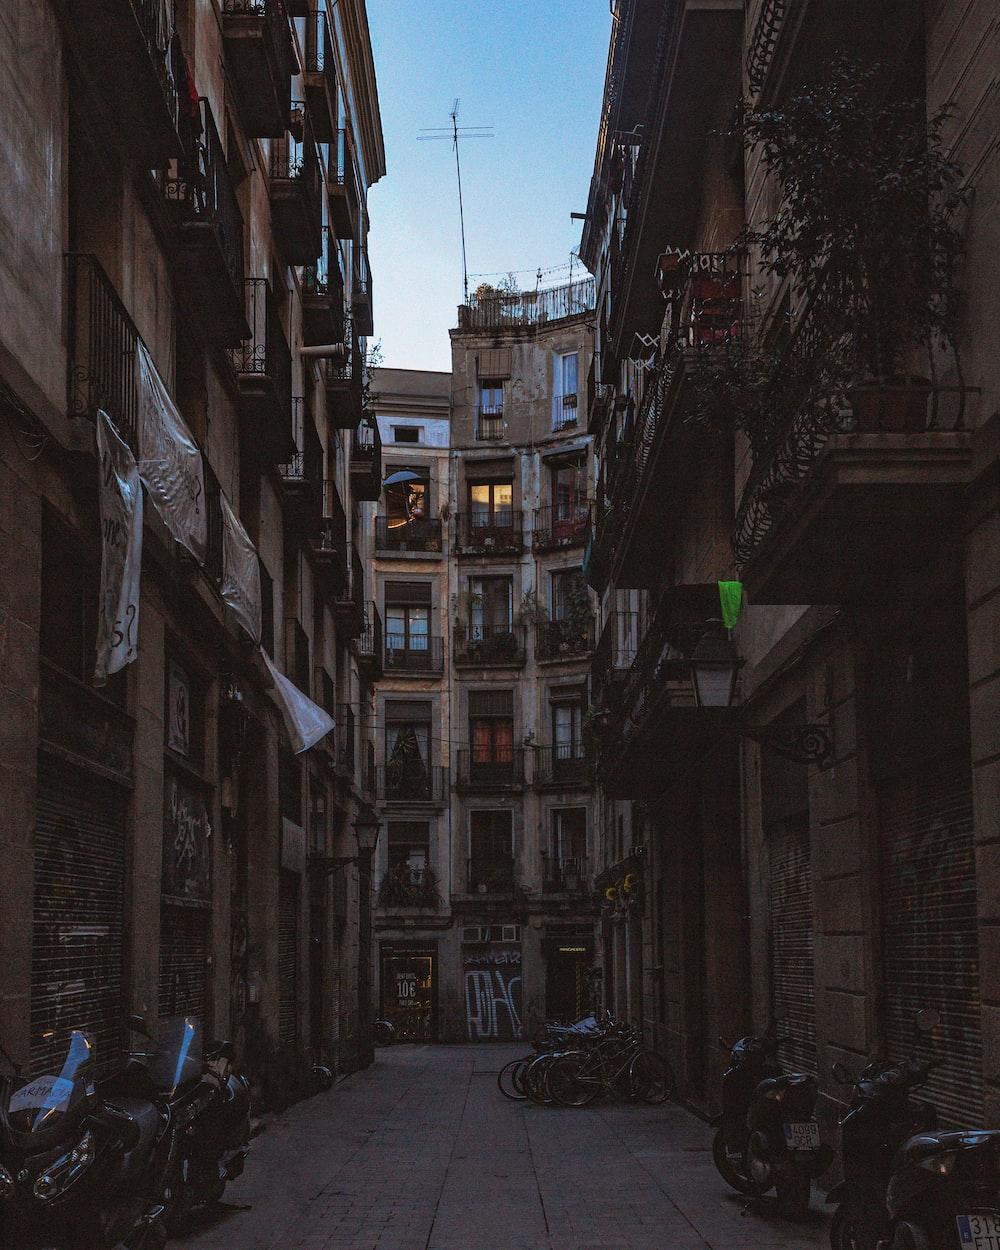 motorcycles between buildings